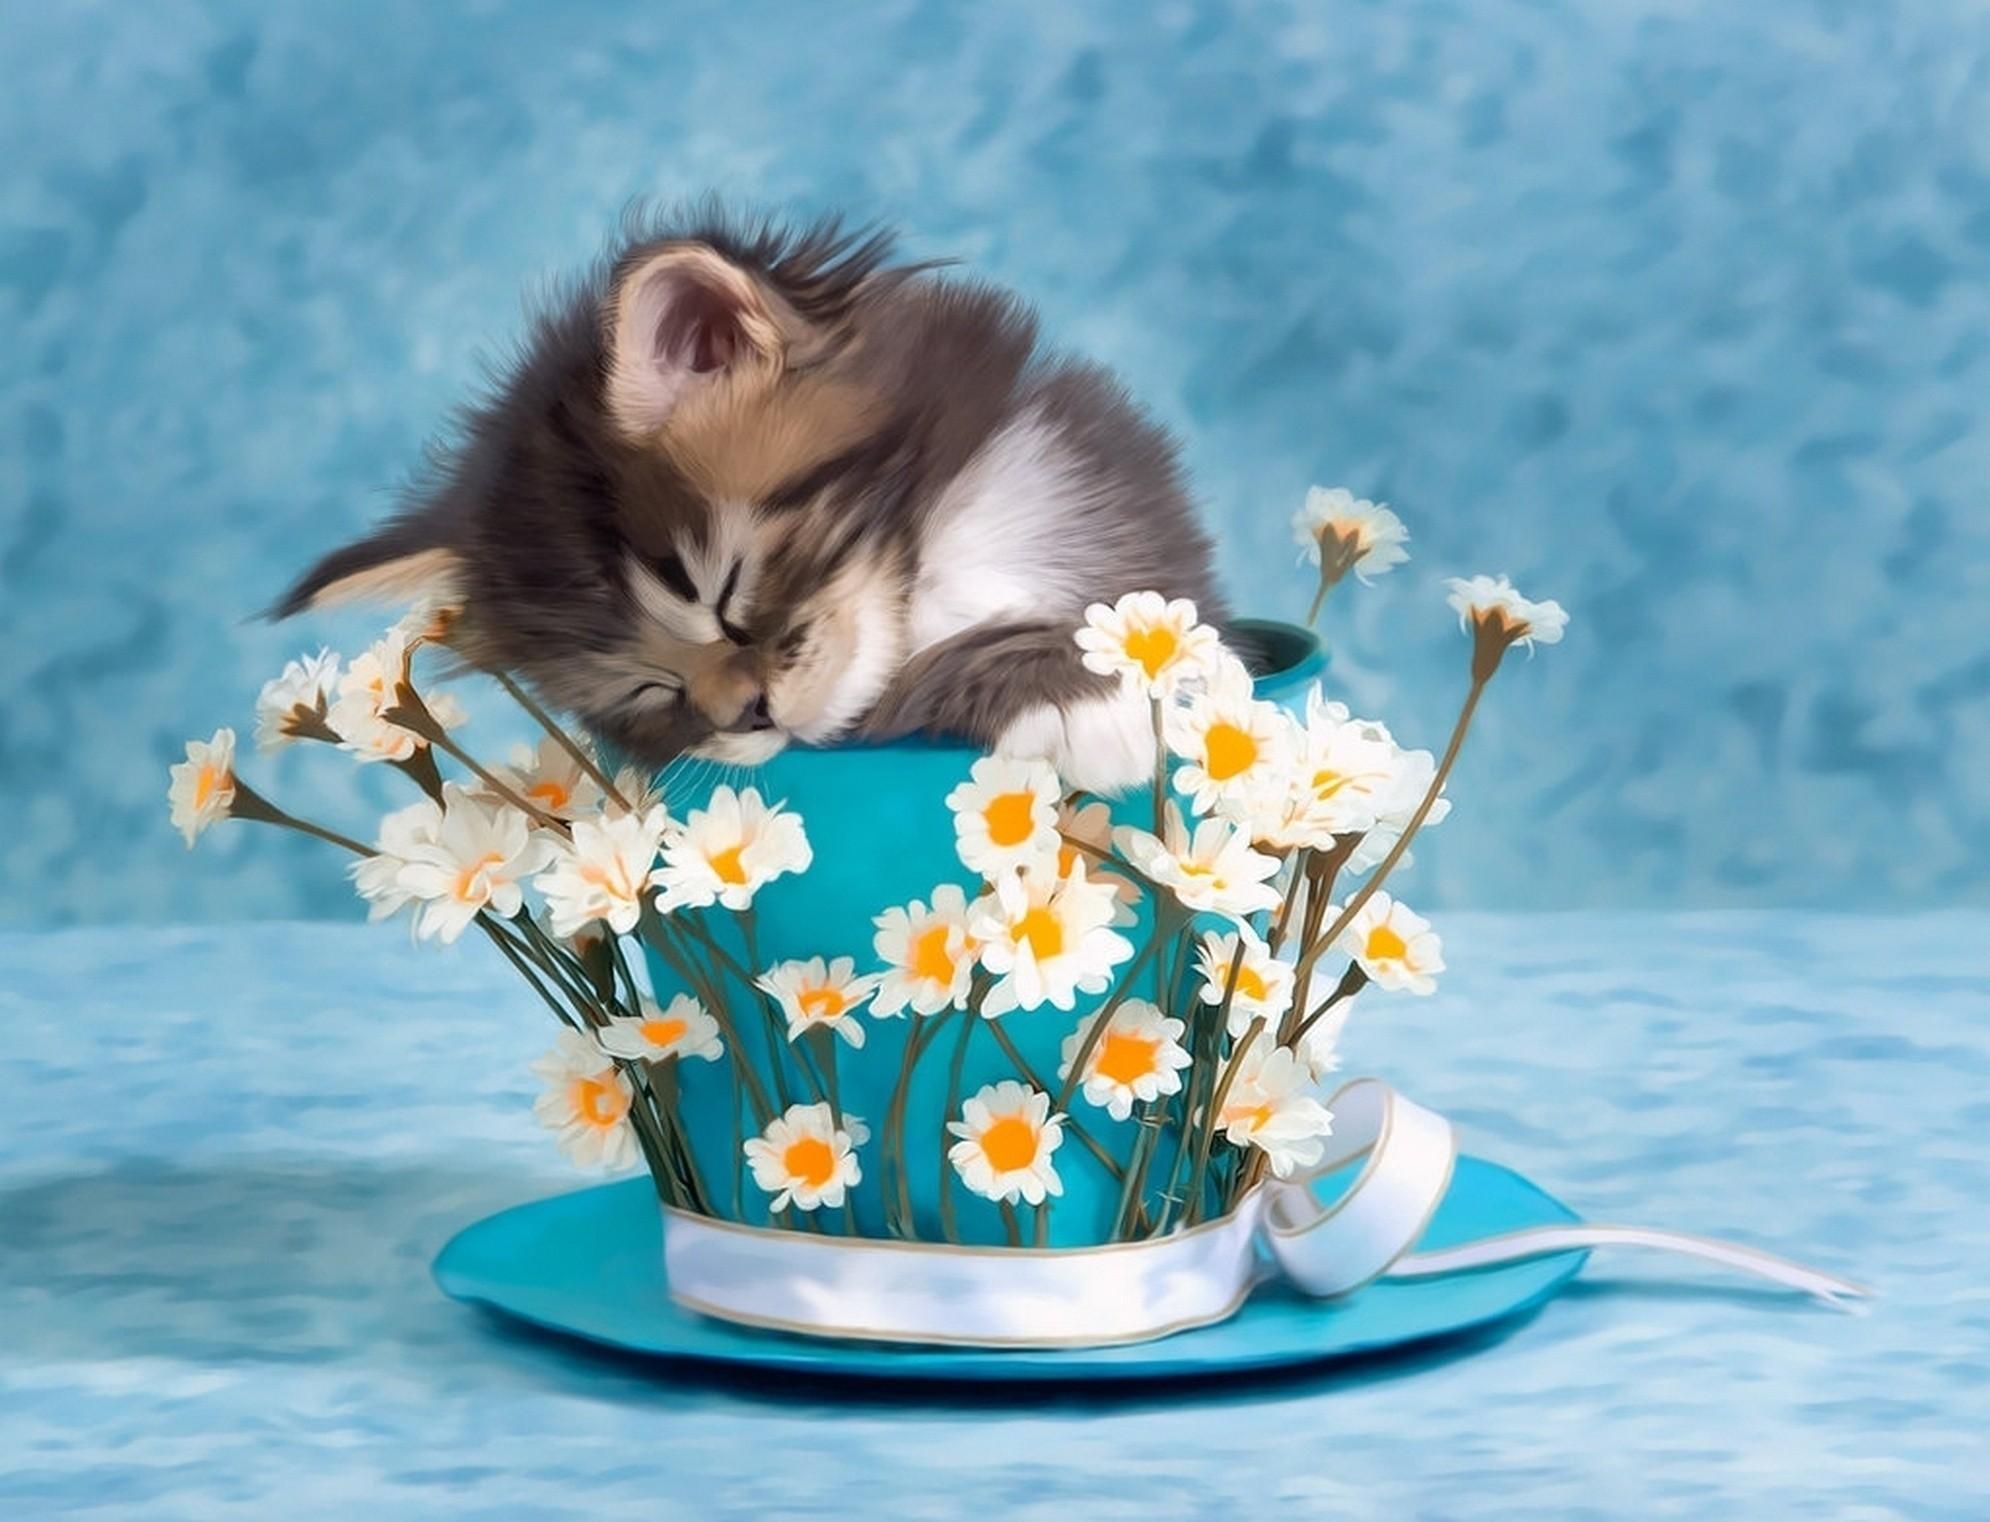 своей жизни котенок доброе утро фото тара